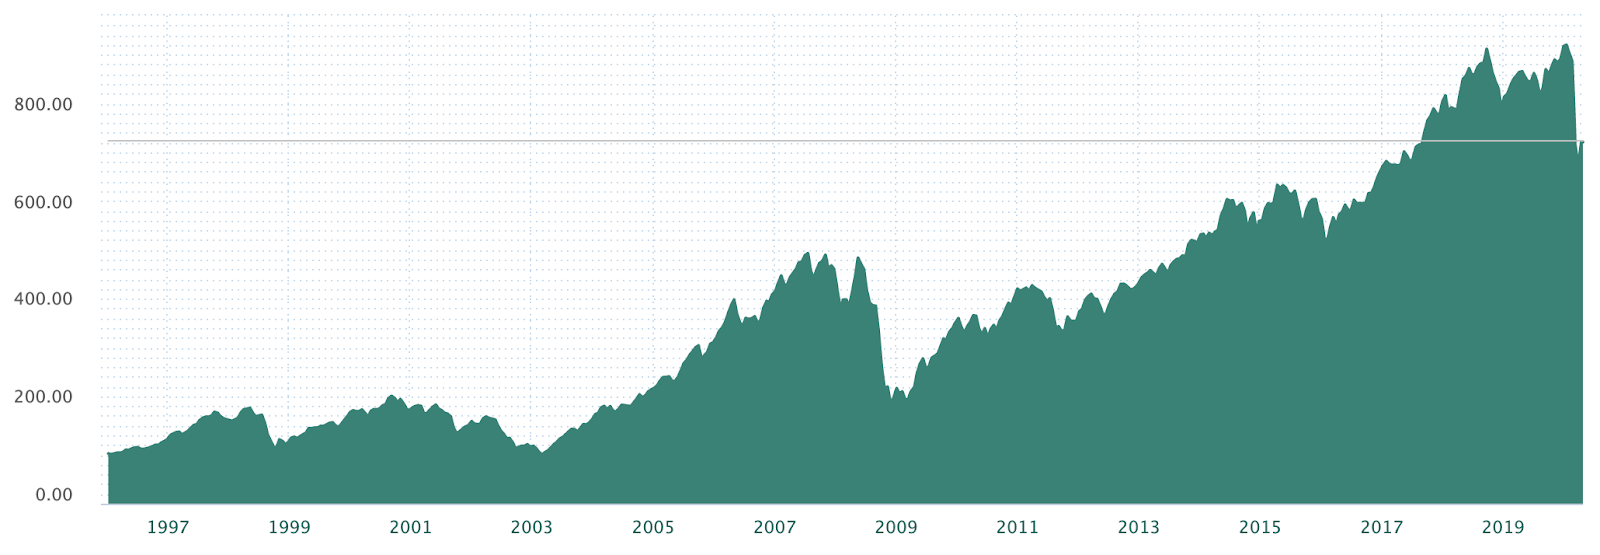 Utvikling av Oslo Børs Hovedindeks 1997 - 2020